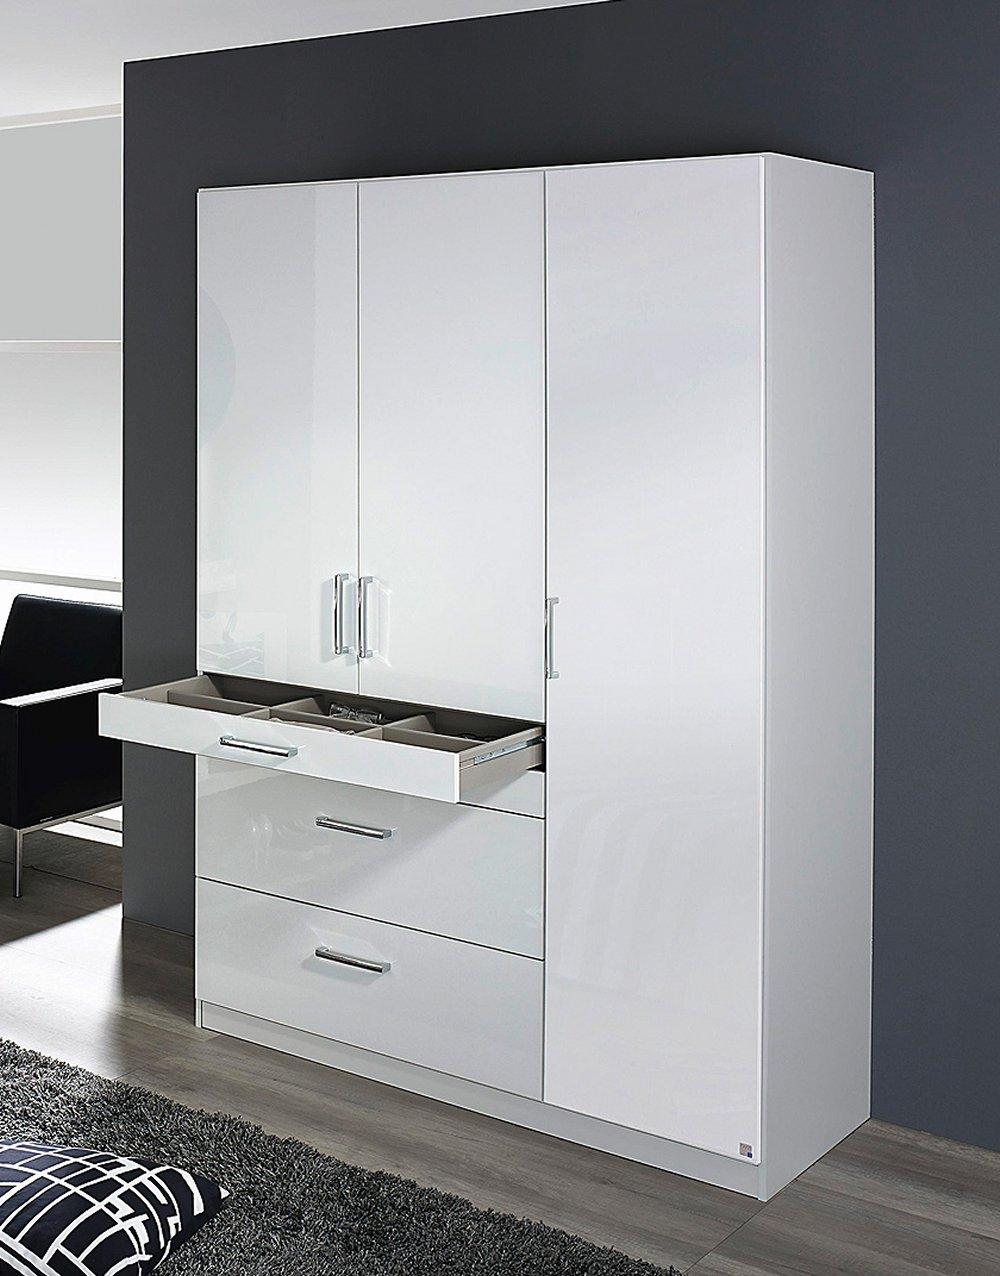 kleiderschrank 3 trg schrank schubk sten schlafzimmer weiss hochglanz neu ebay. Black Bedroom Furniture Sets. Home Design Ideas